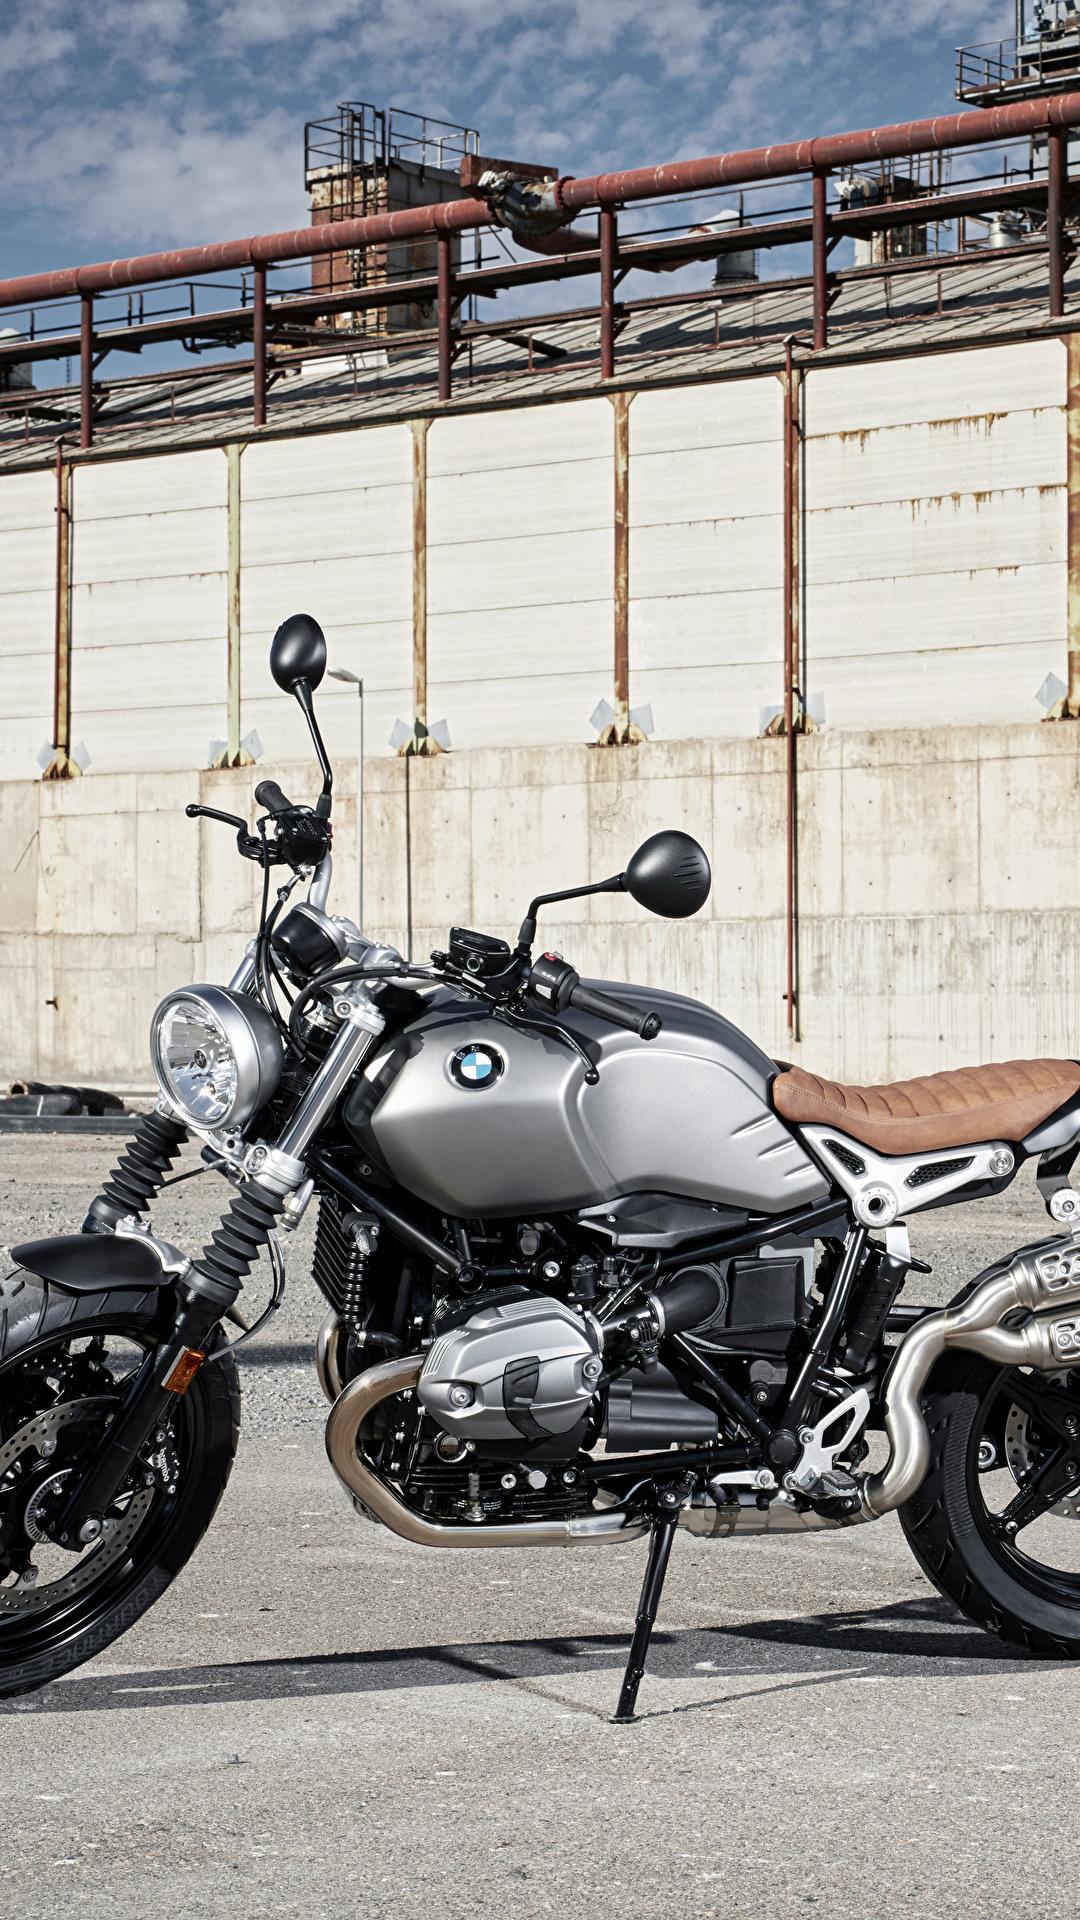 Images Bmw Motorcycle 2015 19 R Ninet Scrambler 1080x1920